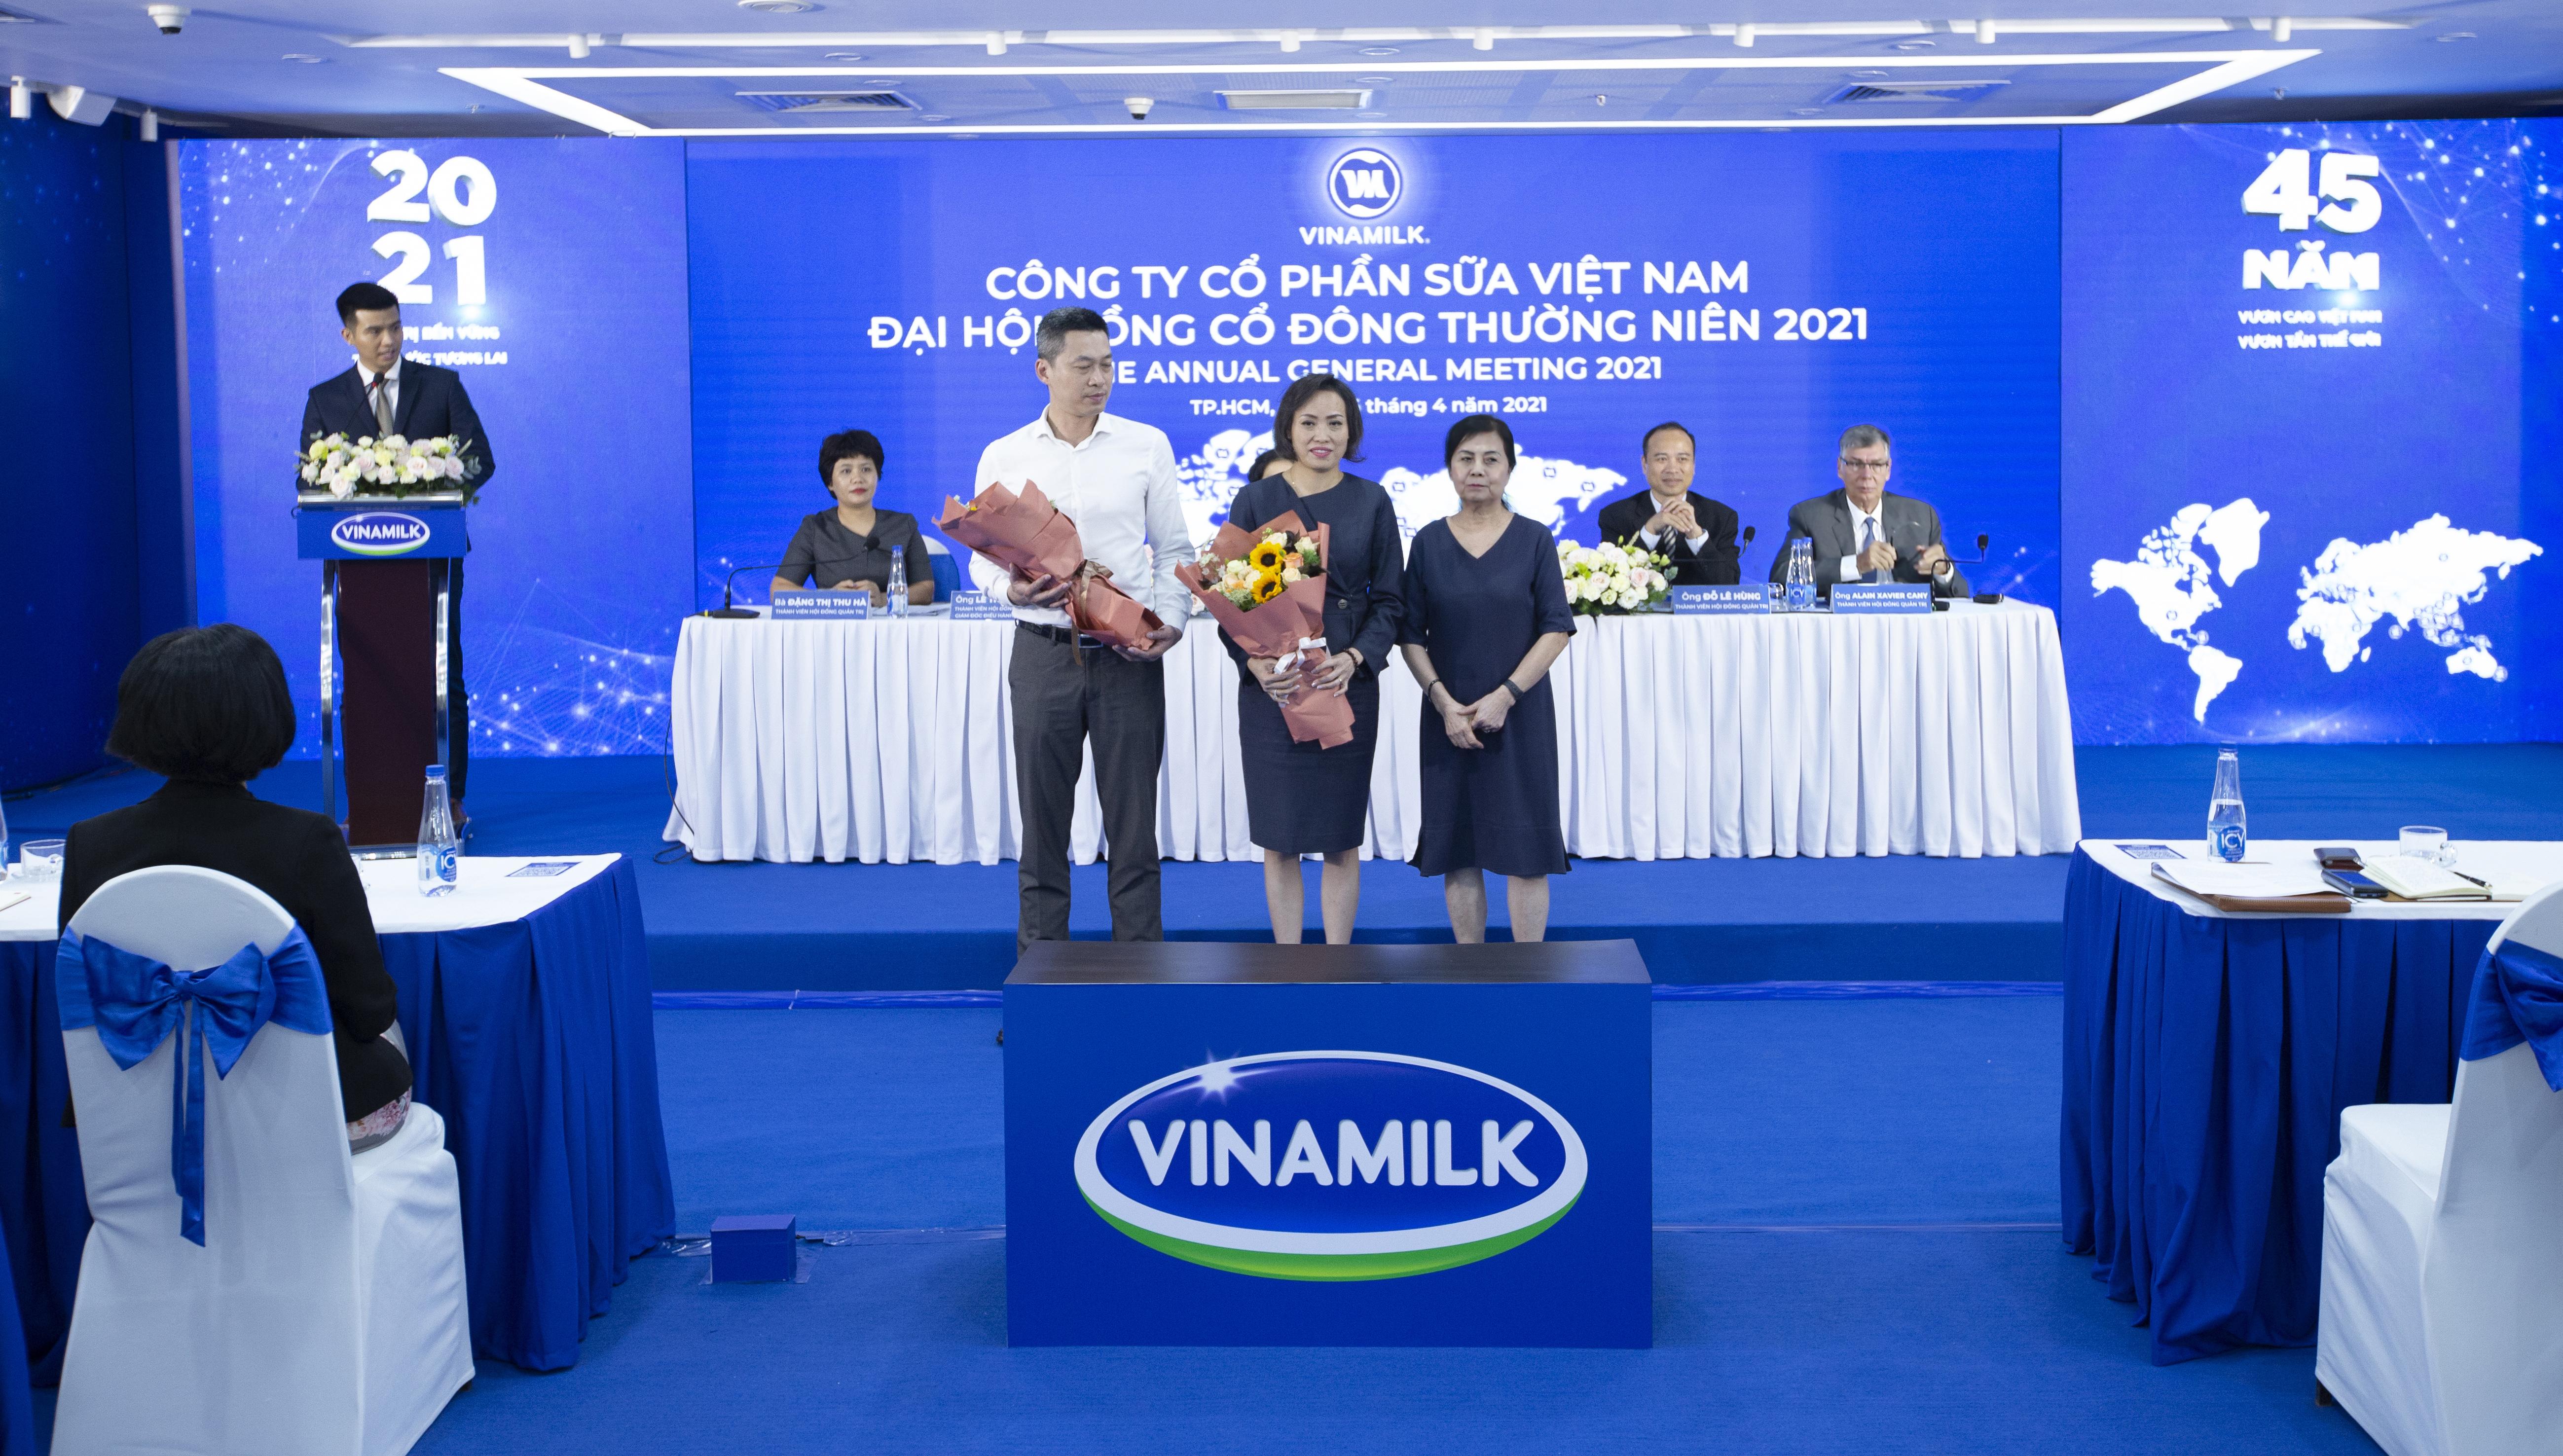 Bà Lê Thị Băng Tâm, Chủ tịch Hội đồng quản trị Vinamilk chúc mừng 2 thành viên mới tham gia Hội đồng quản trị